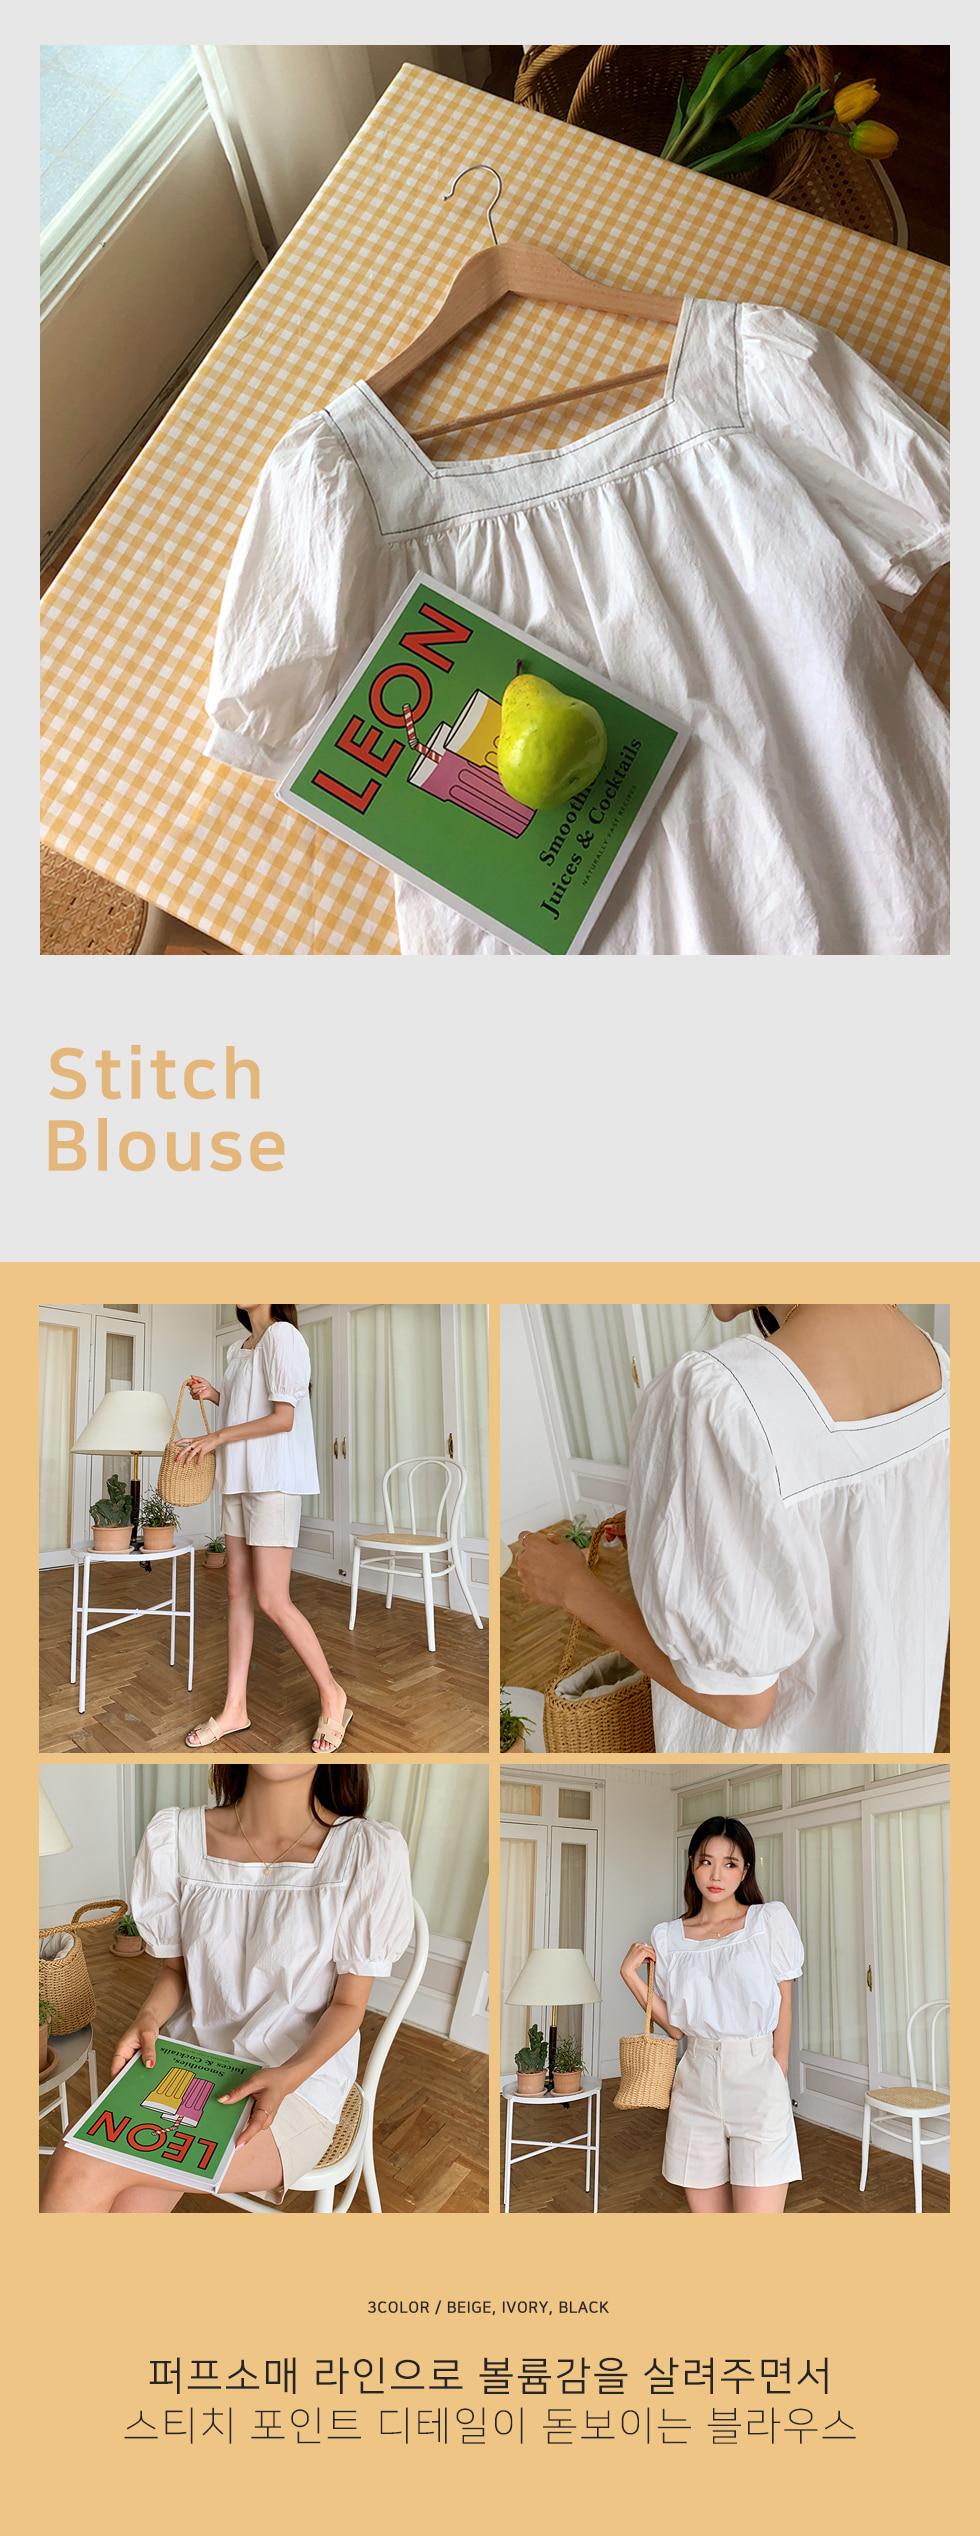 Stylish Stitch Blouse